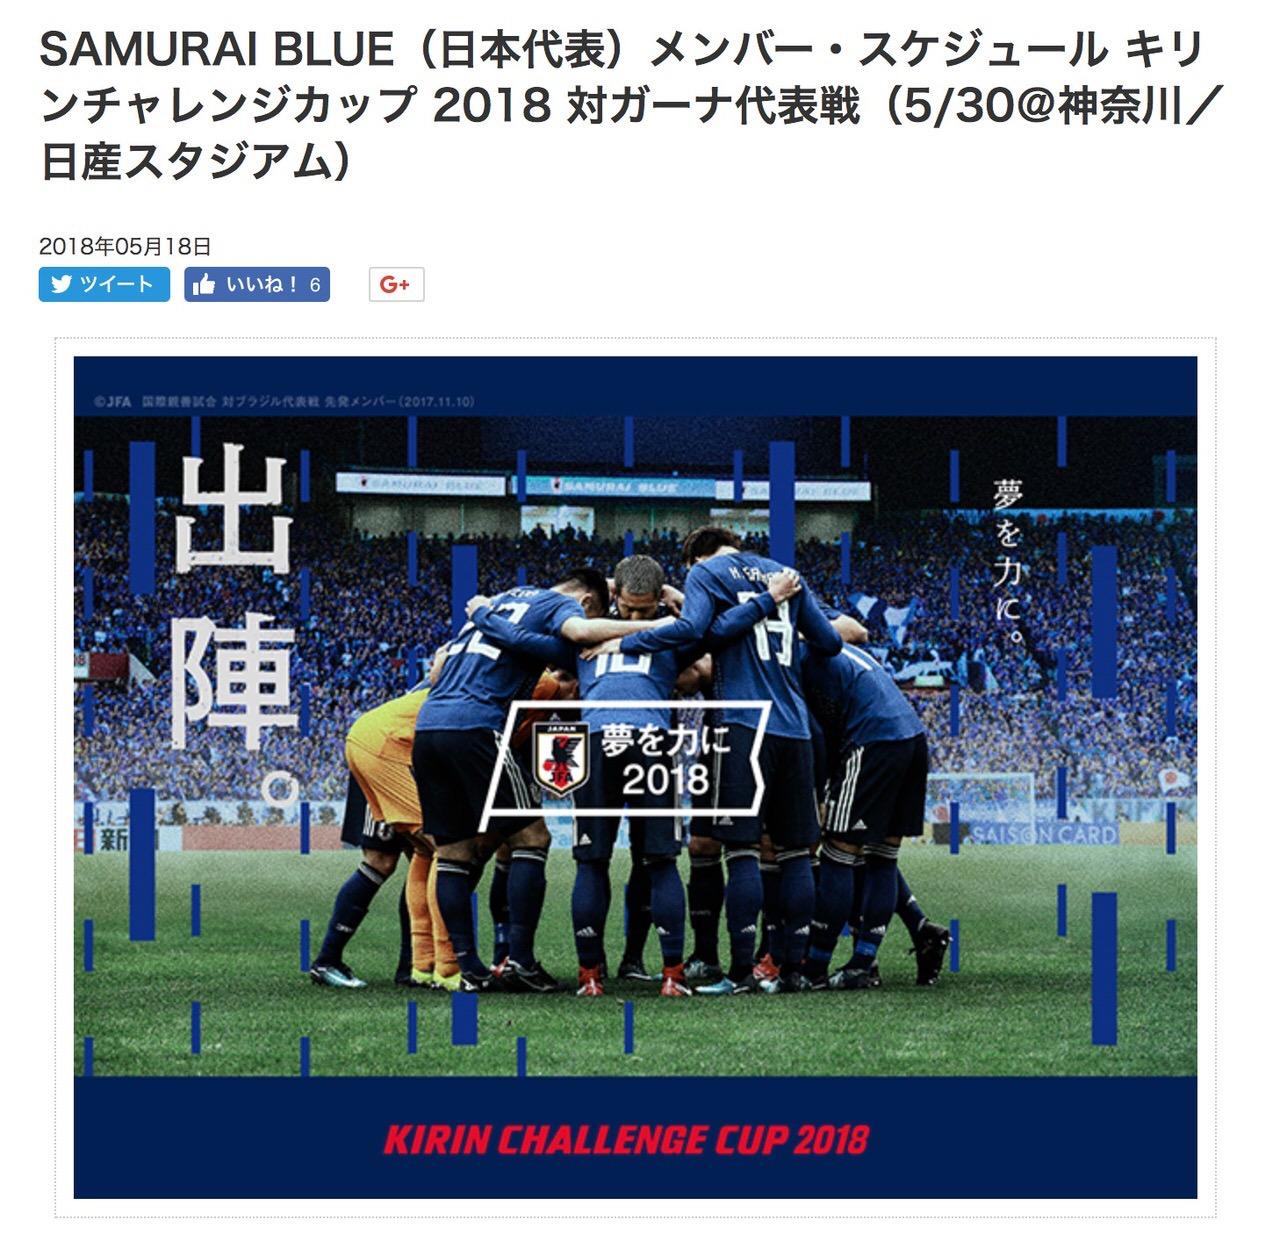 サッカー日本代表ガーナ戦メンバーが発表、平均年齢は?